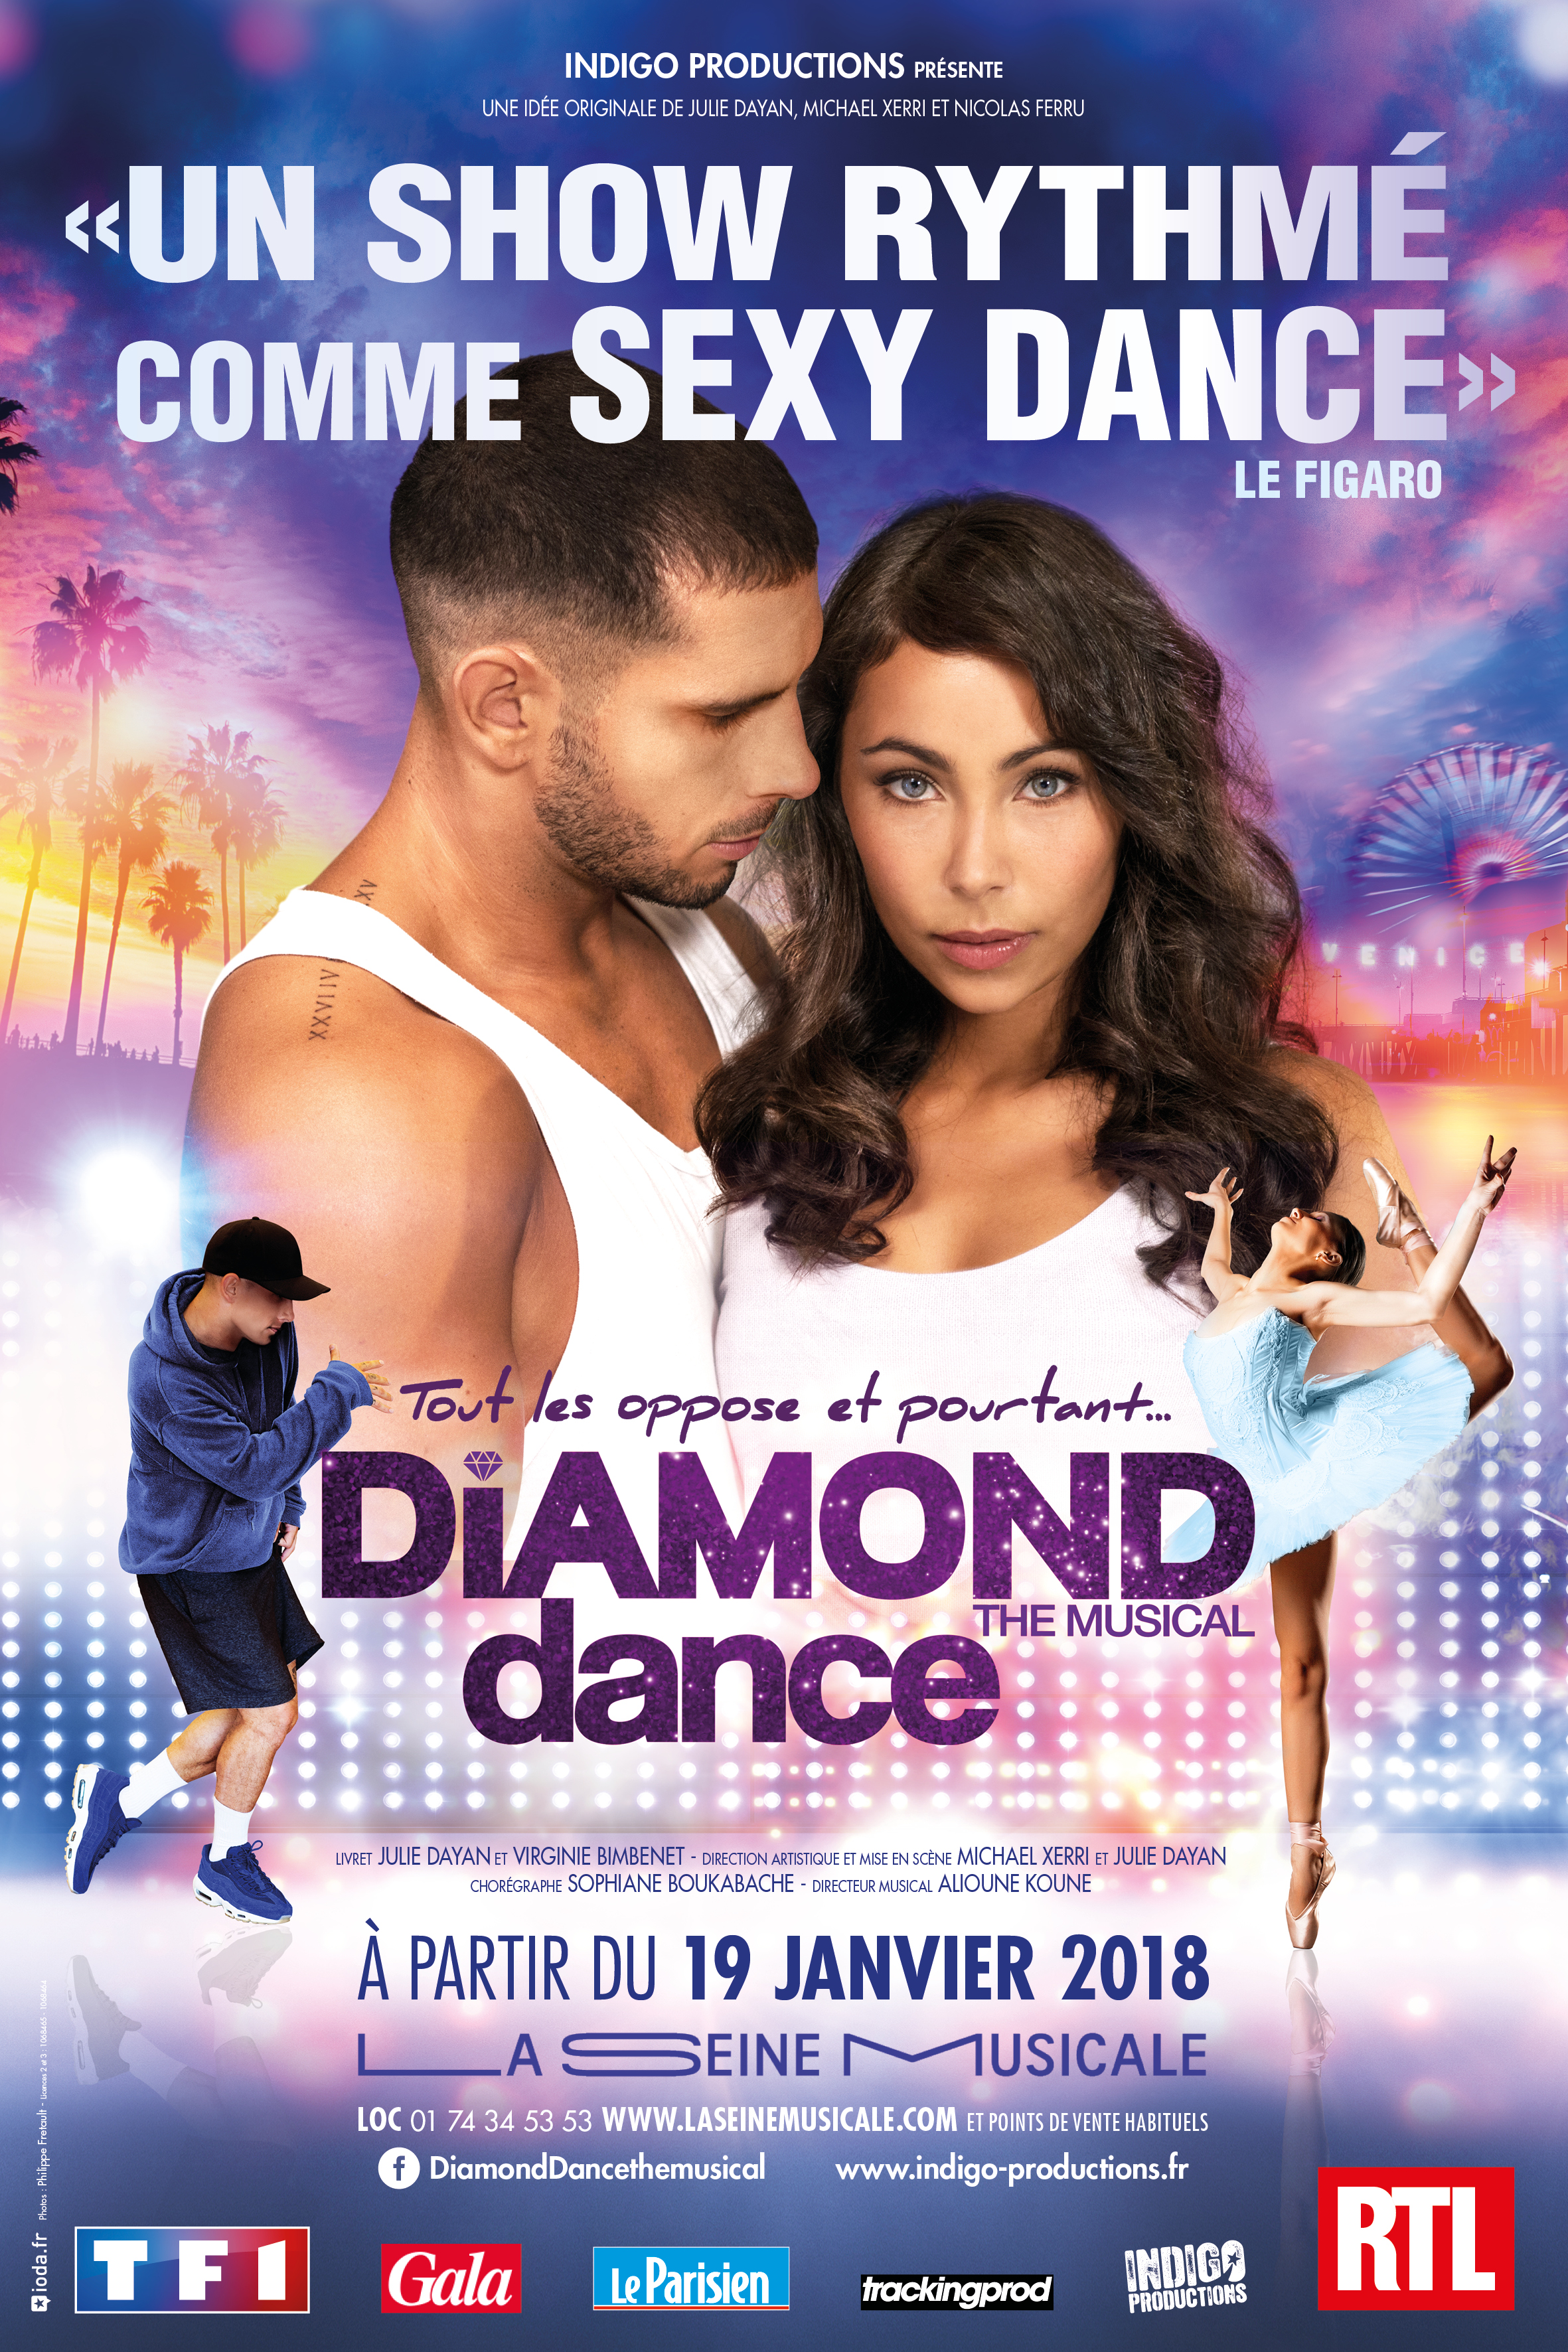 DIAMOND DANCE